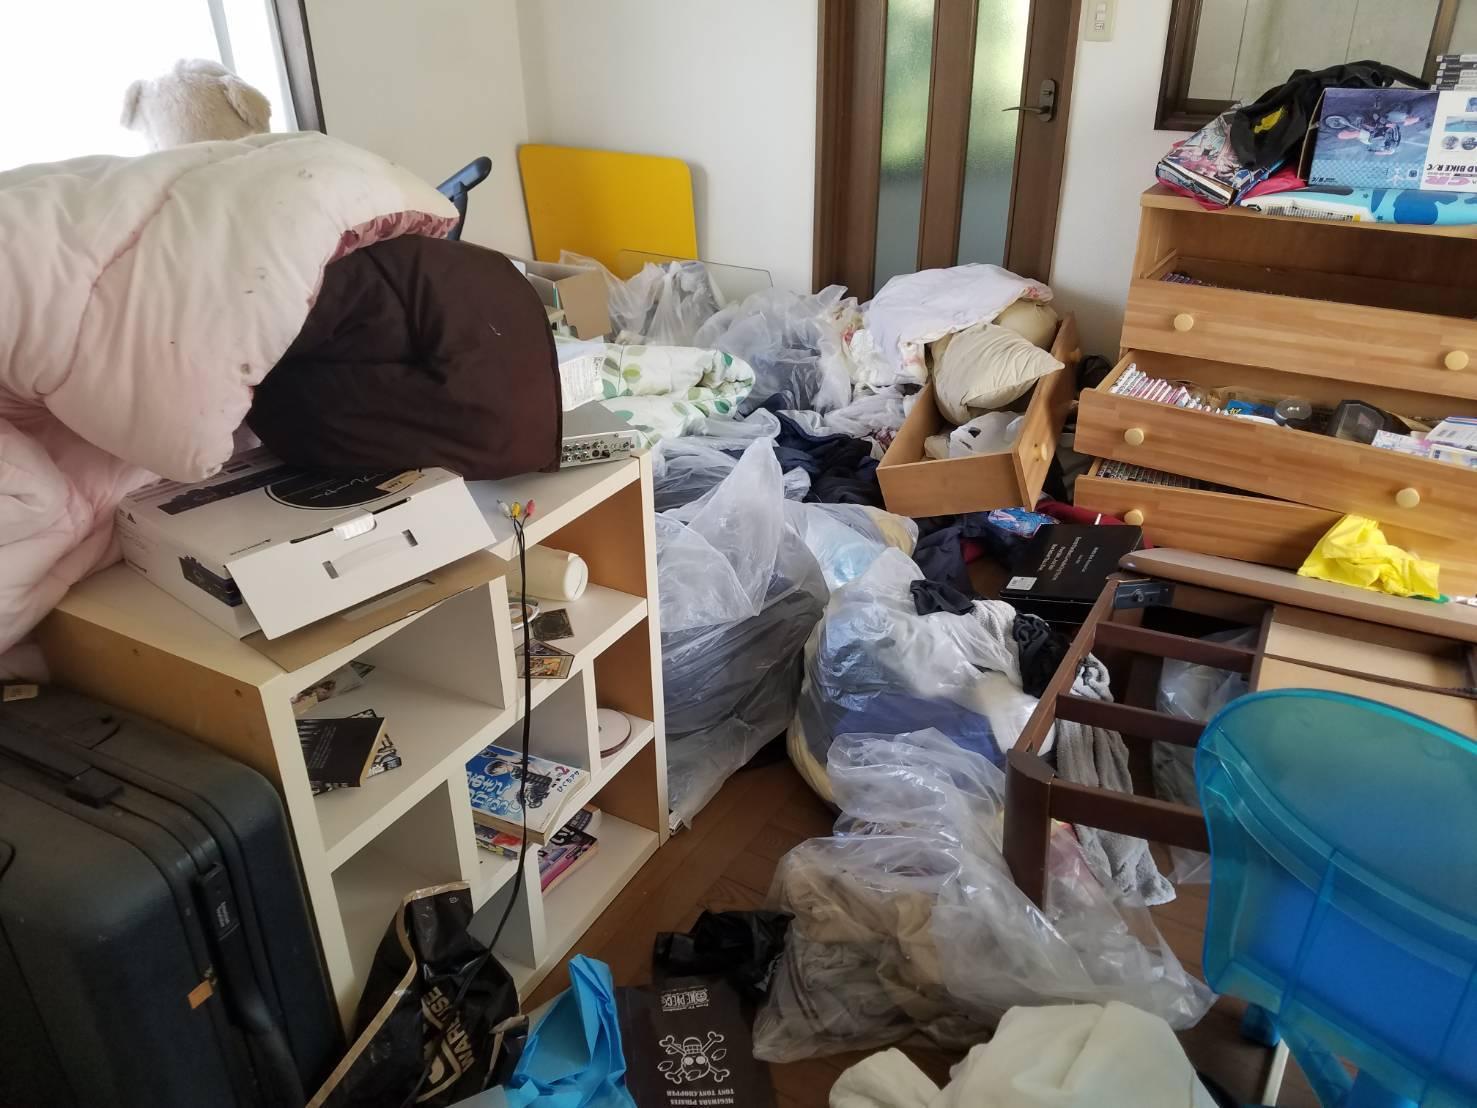 衣類や本棚などの不用品の回収前